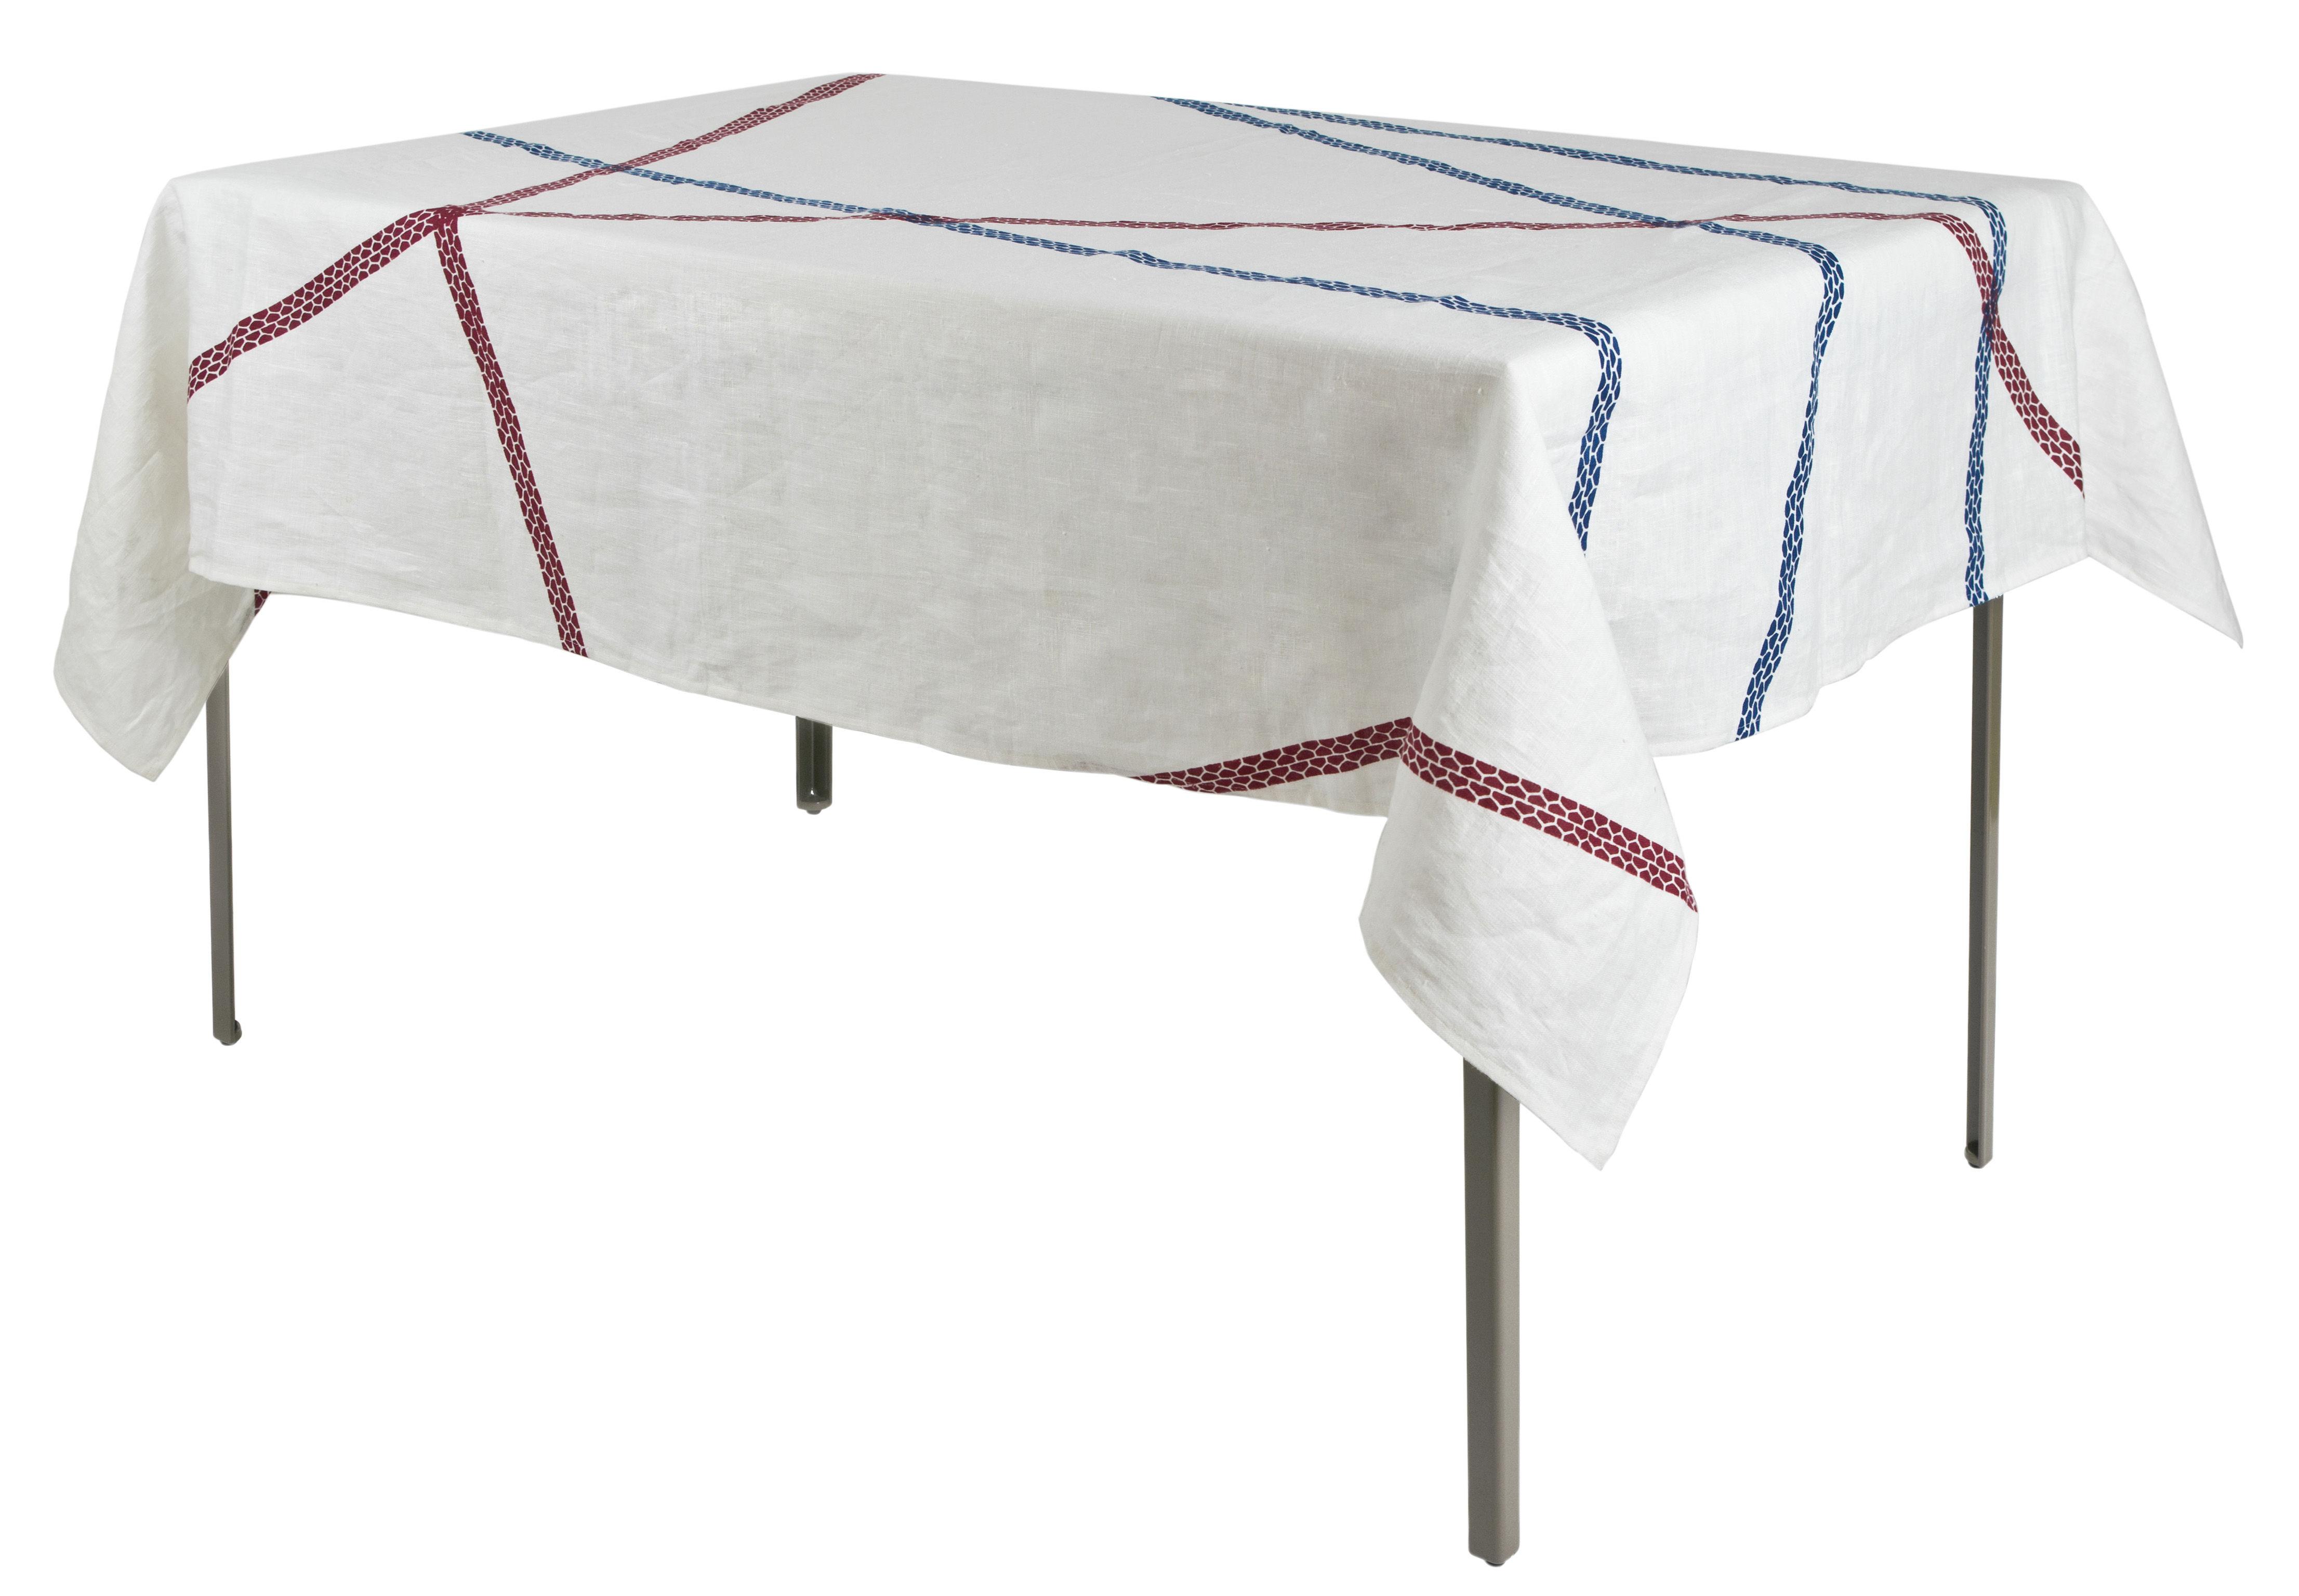 Tavola - Tovaglie e Tovaglioli - Tovaglia in tessuto Lugo - / 180 x 140 cm - tessuto di Internoitaliano - Blu & Rosso - Pur lin